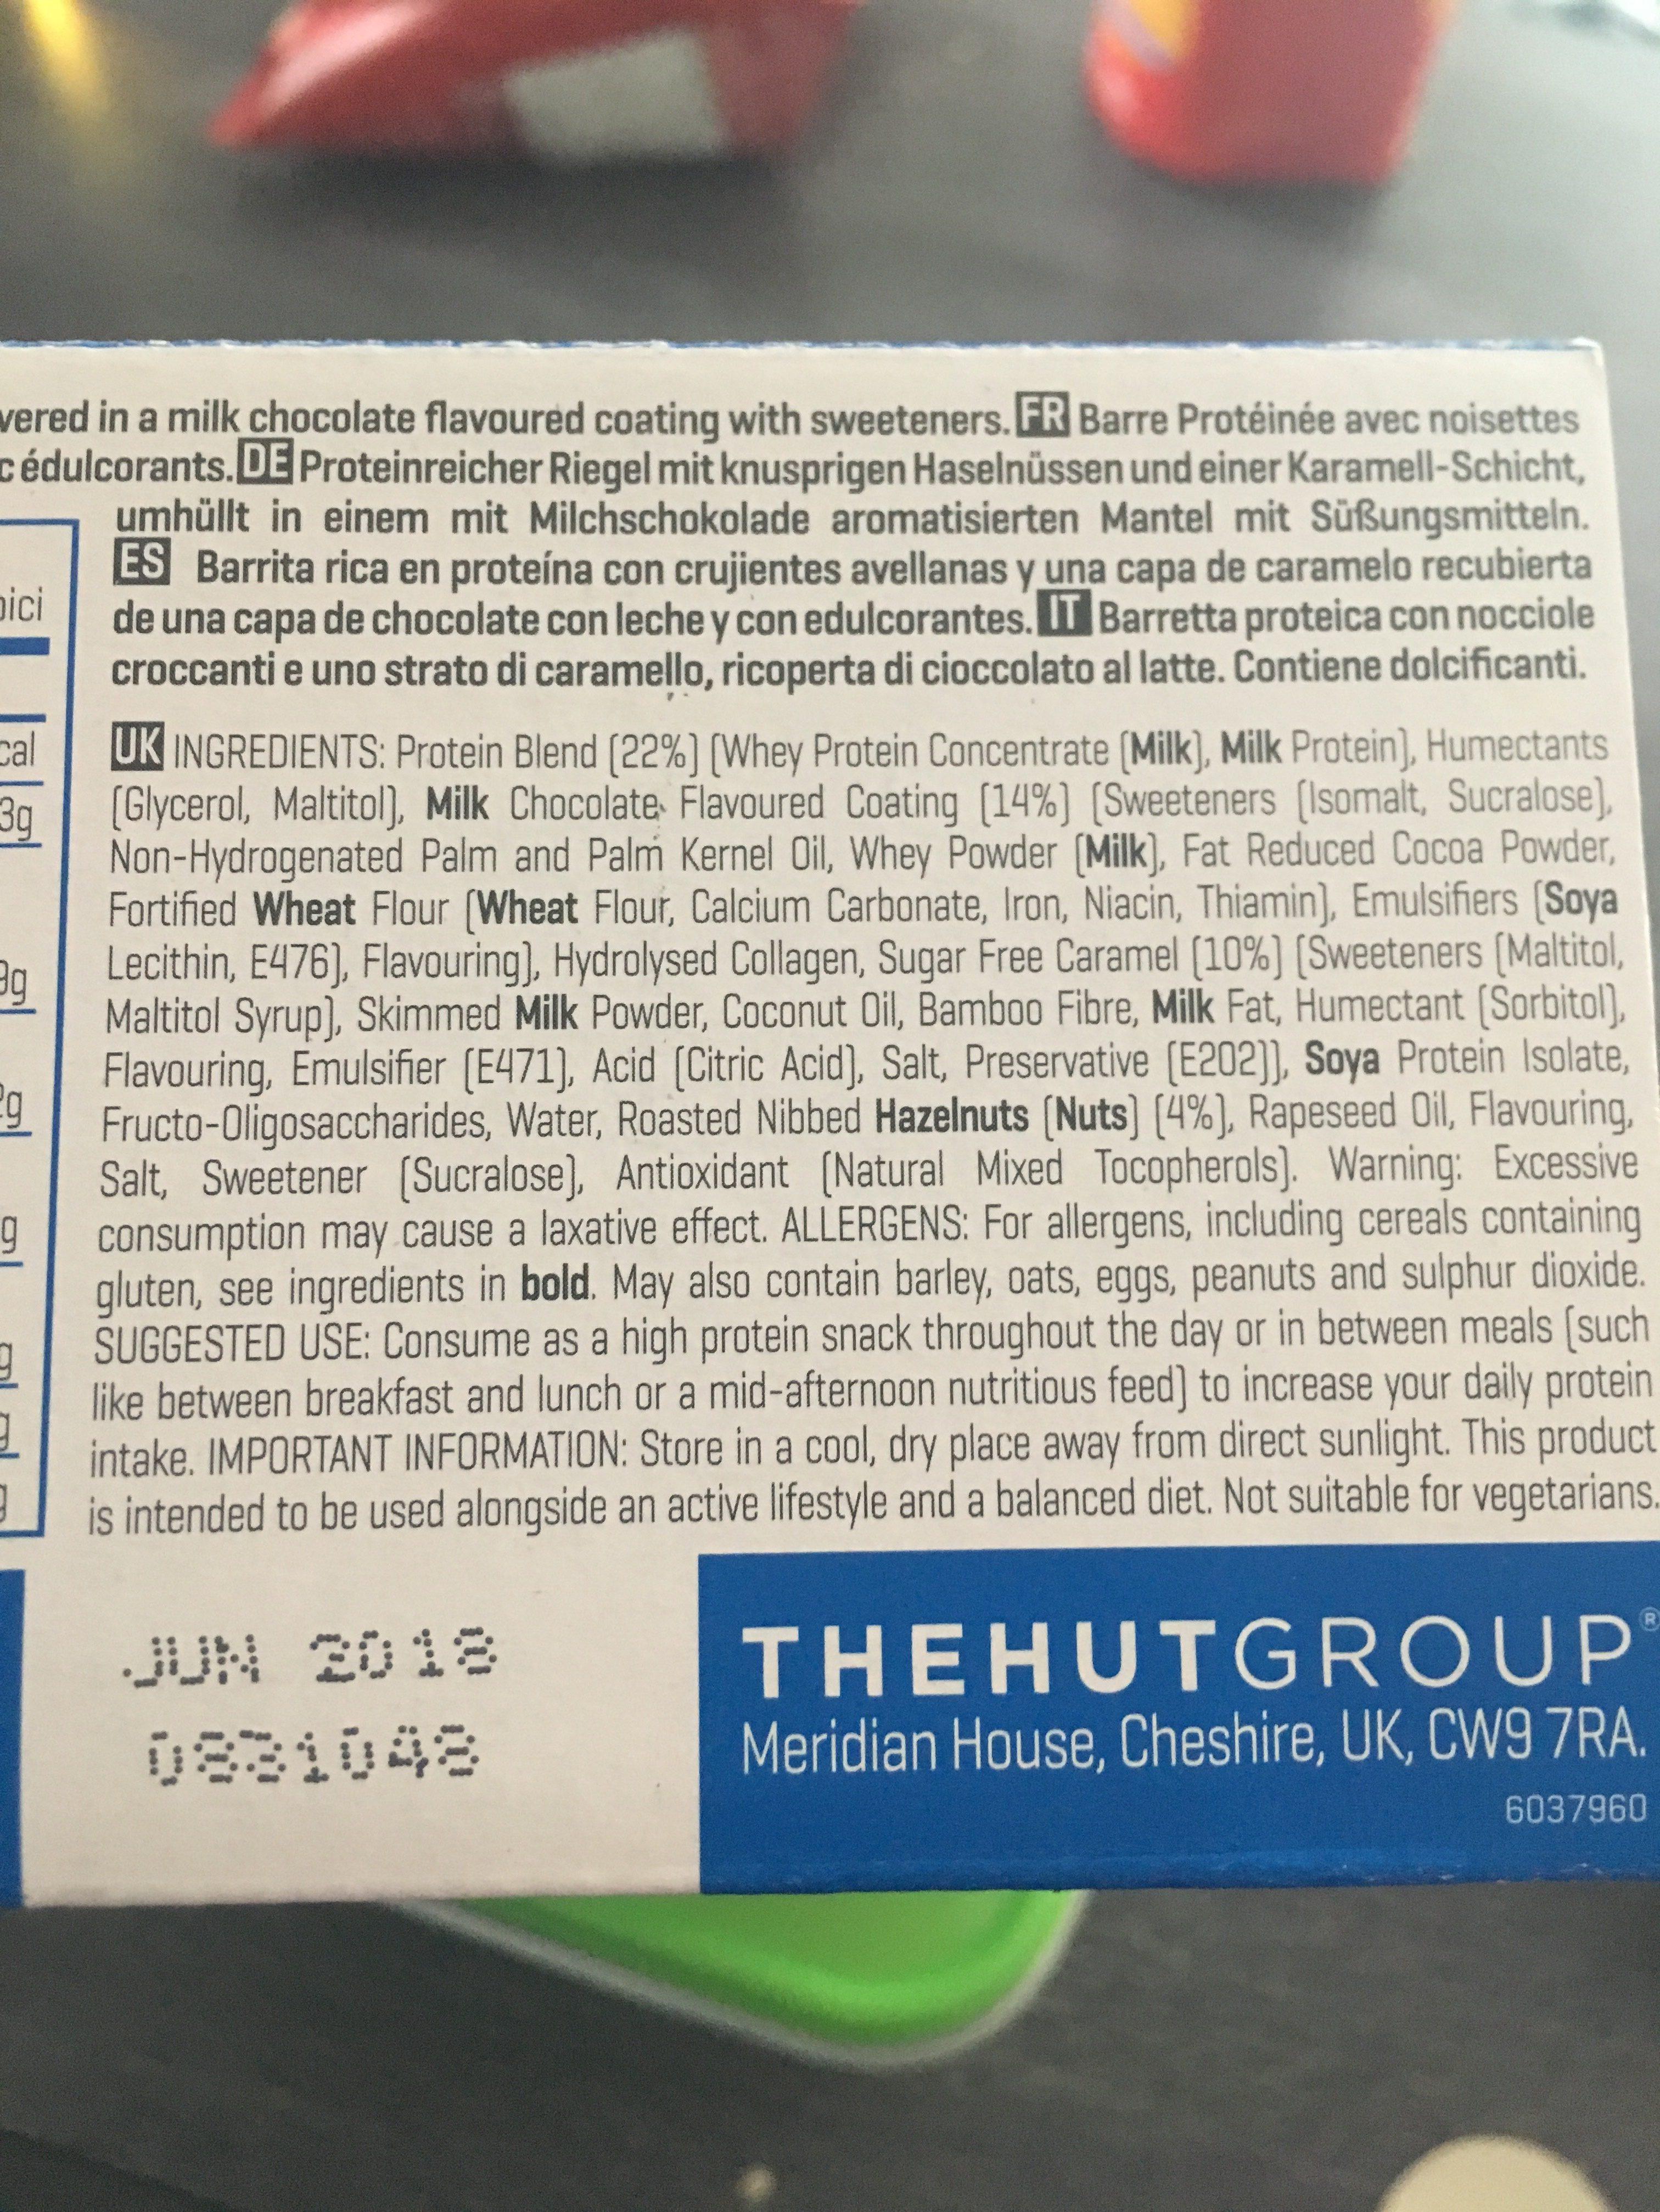 Myprotein Pro Bar Elite, Caramel Hazelnut, 12 X - Ingredients - fr